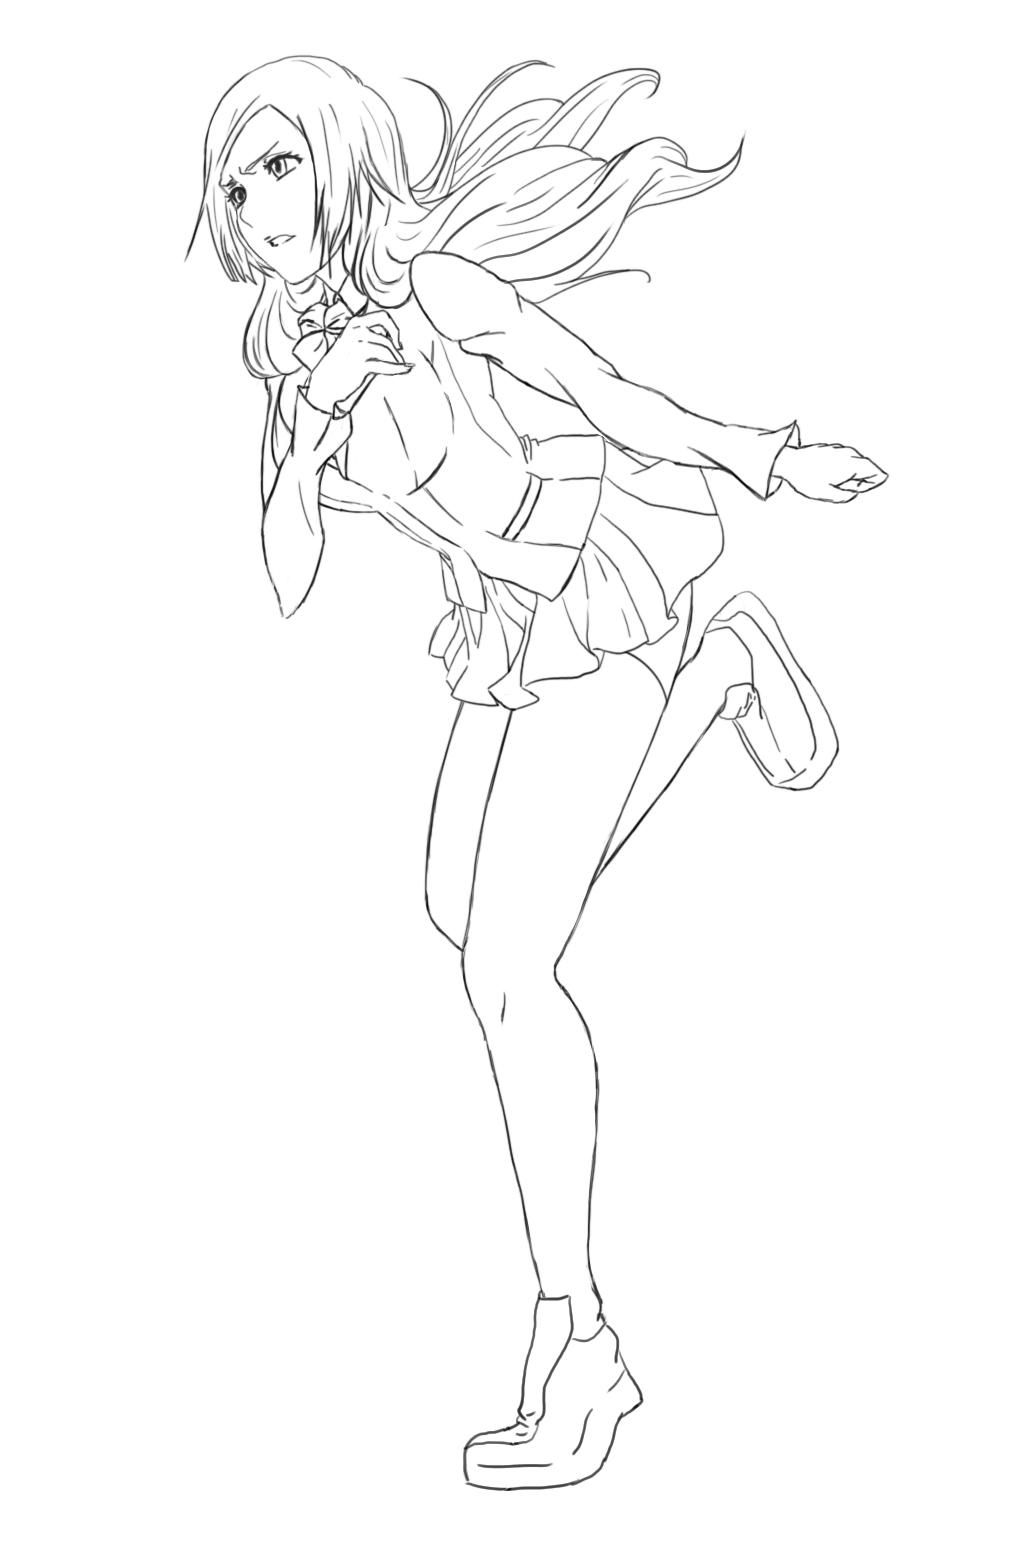 Zerochan Lineart : Inoue orihime bleach image  zerochan anime